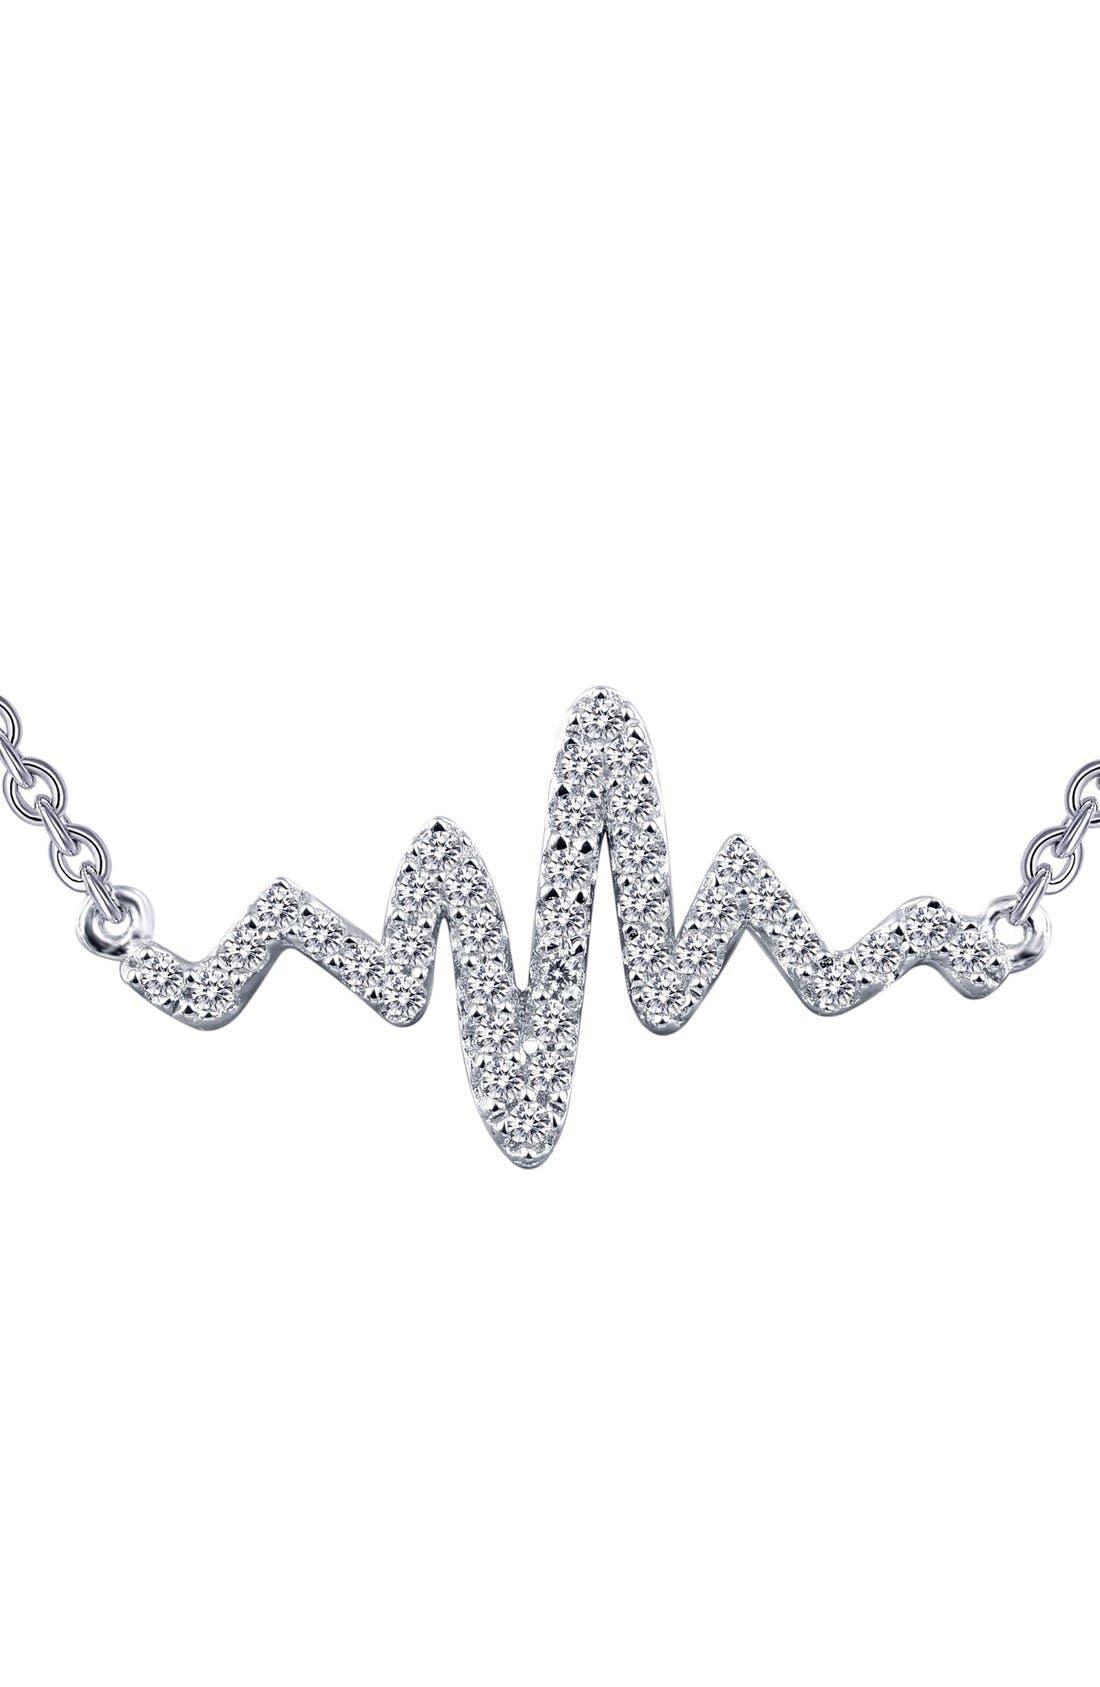 'Lassaire' Heartbeat Pendant Necklace,                         Main,                         color, Silver